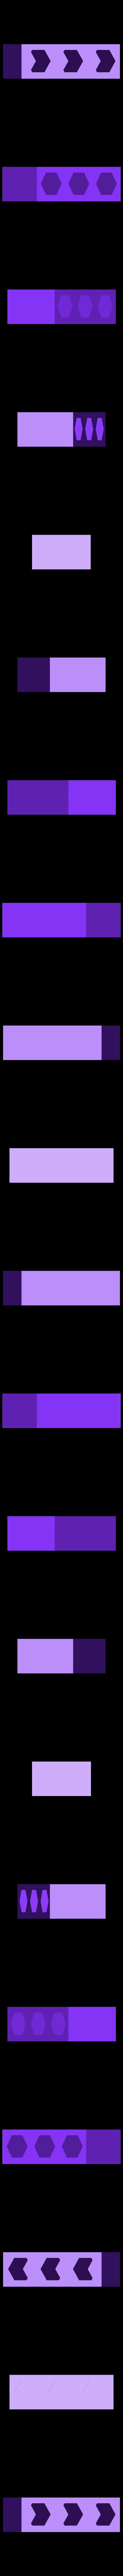 embouts_HEX.stl Télécharger fichier STL gratuit Embout de vissage • Design à imprimer en 3D, titi01